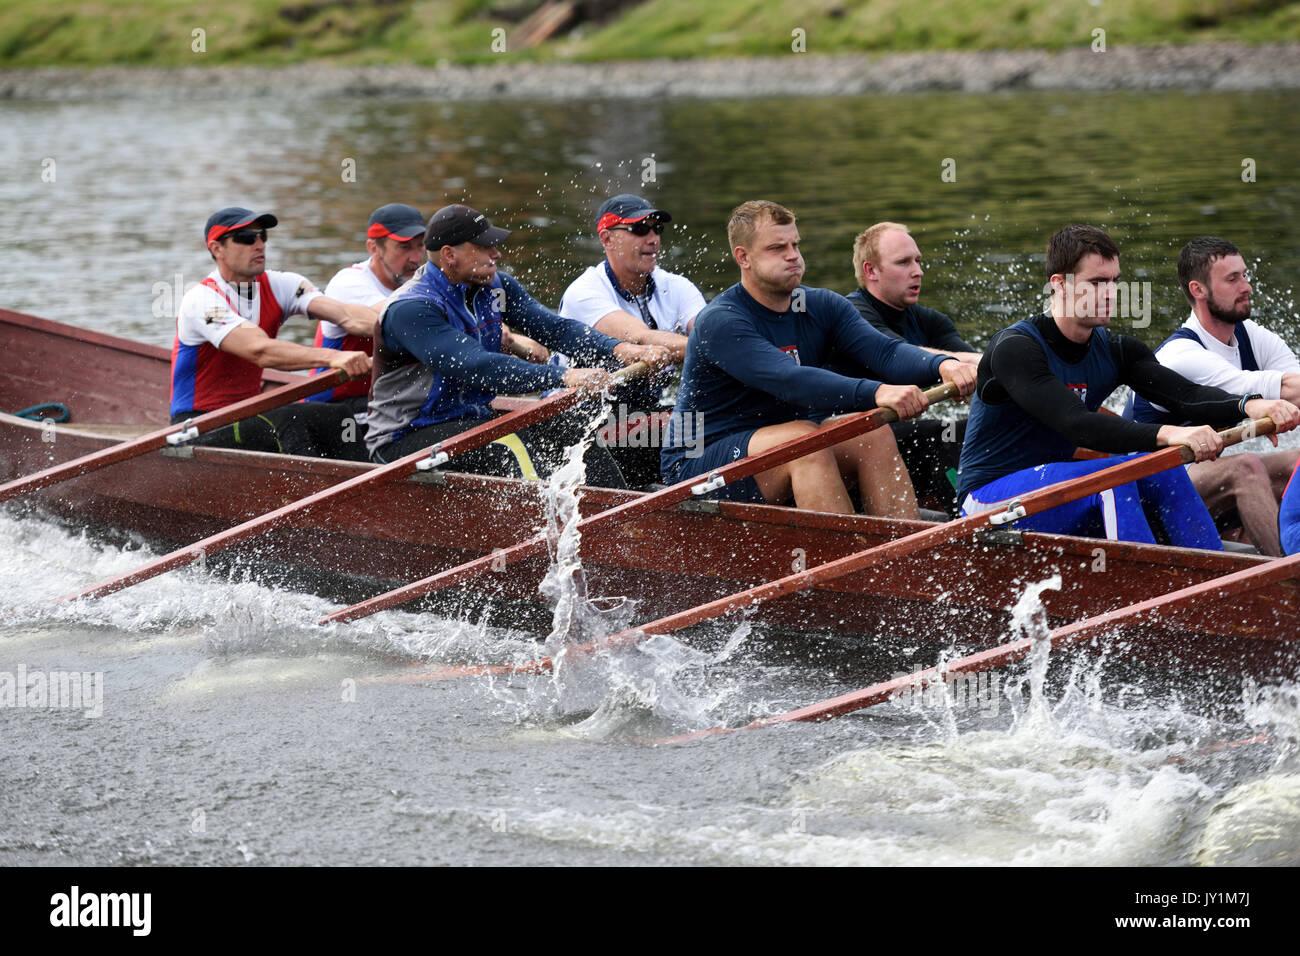 San Pietroburgo, Russia - Giugno 12, 2015: Concorsi di Viking barche durante il Golden lame regata. Questo genere di competizioni rendono la gara di accessi Immagini Stock